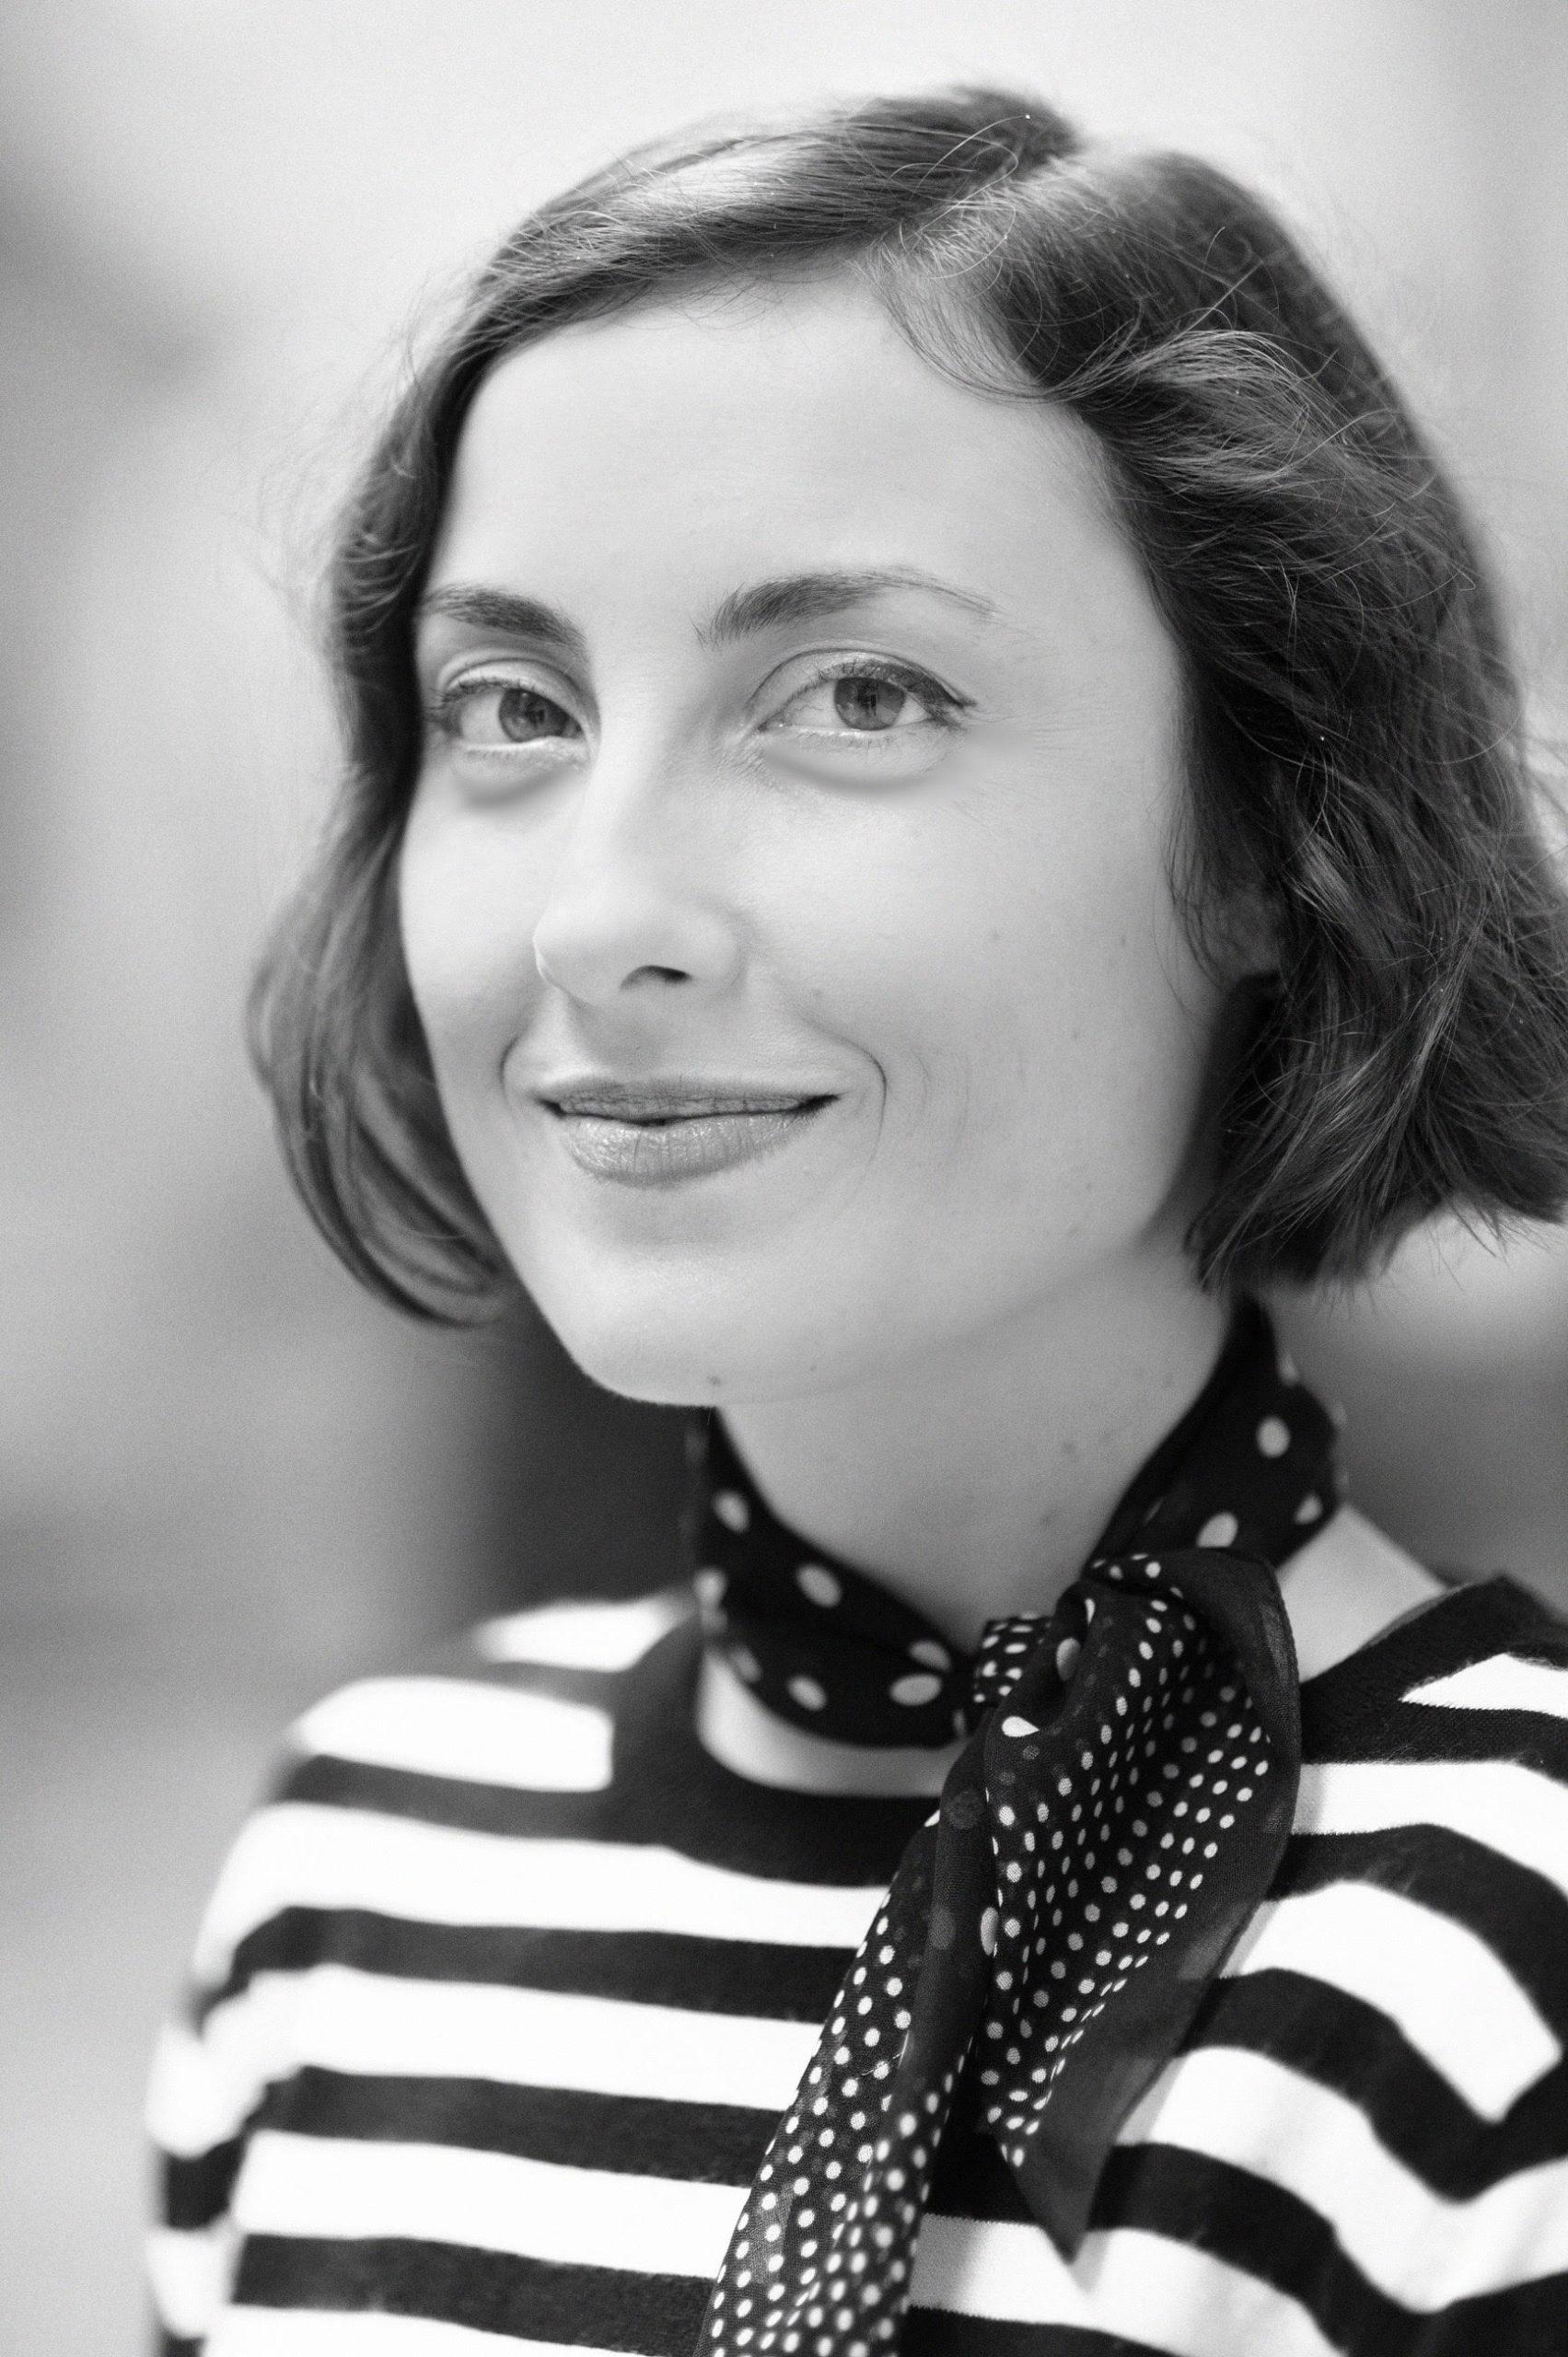 Sheyla Zandonai